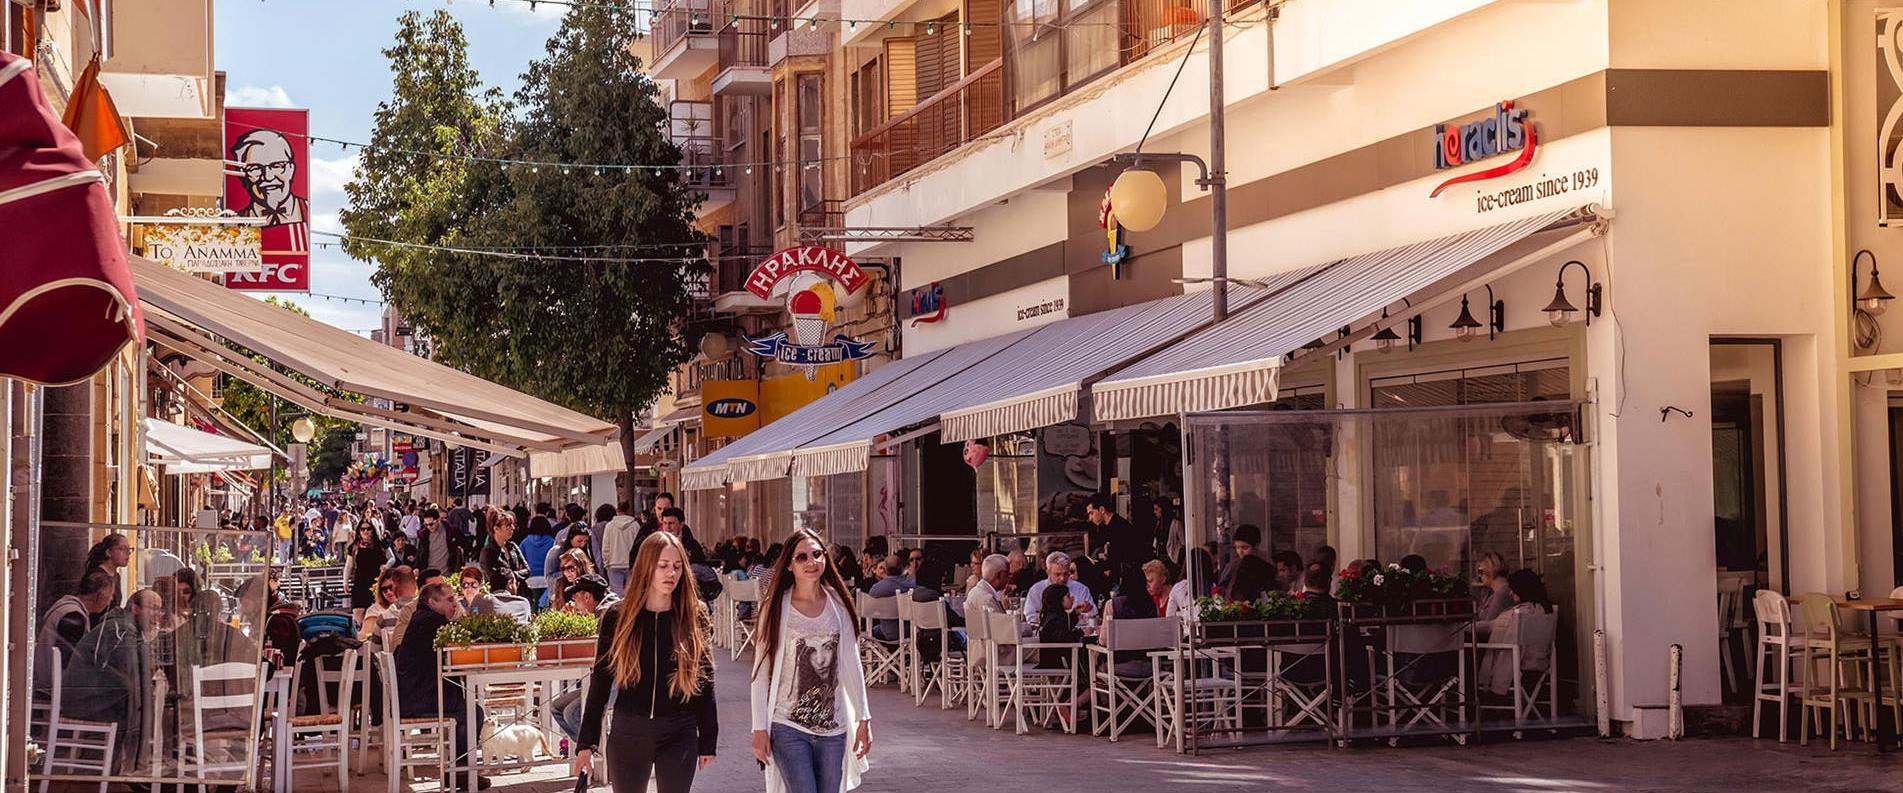 Прогулка по главной улице Никосии